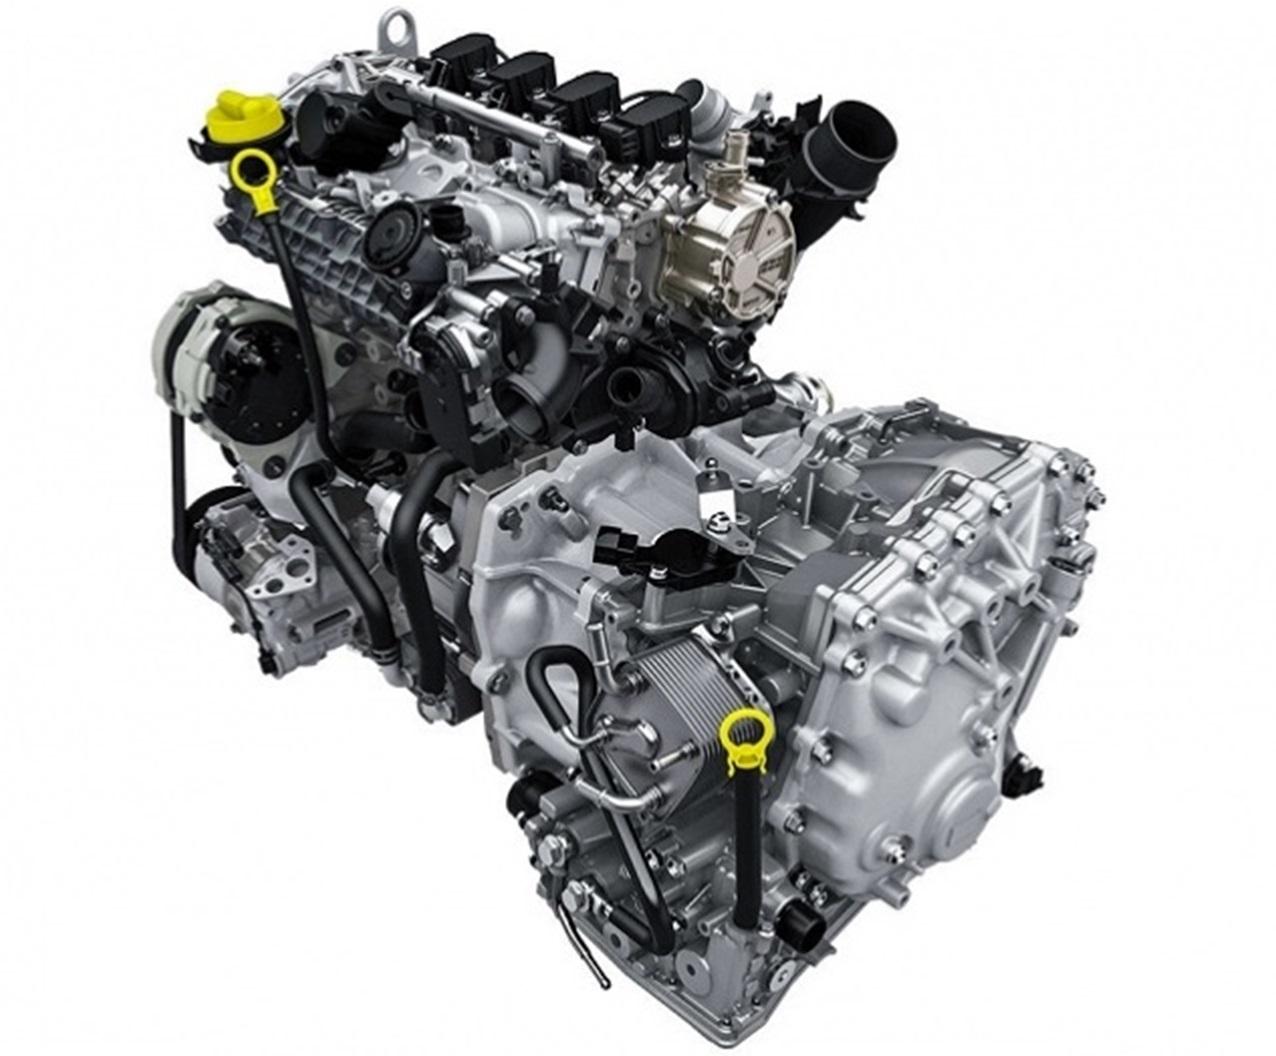 Турбинированный силовой агрегат H5Ht